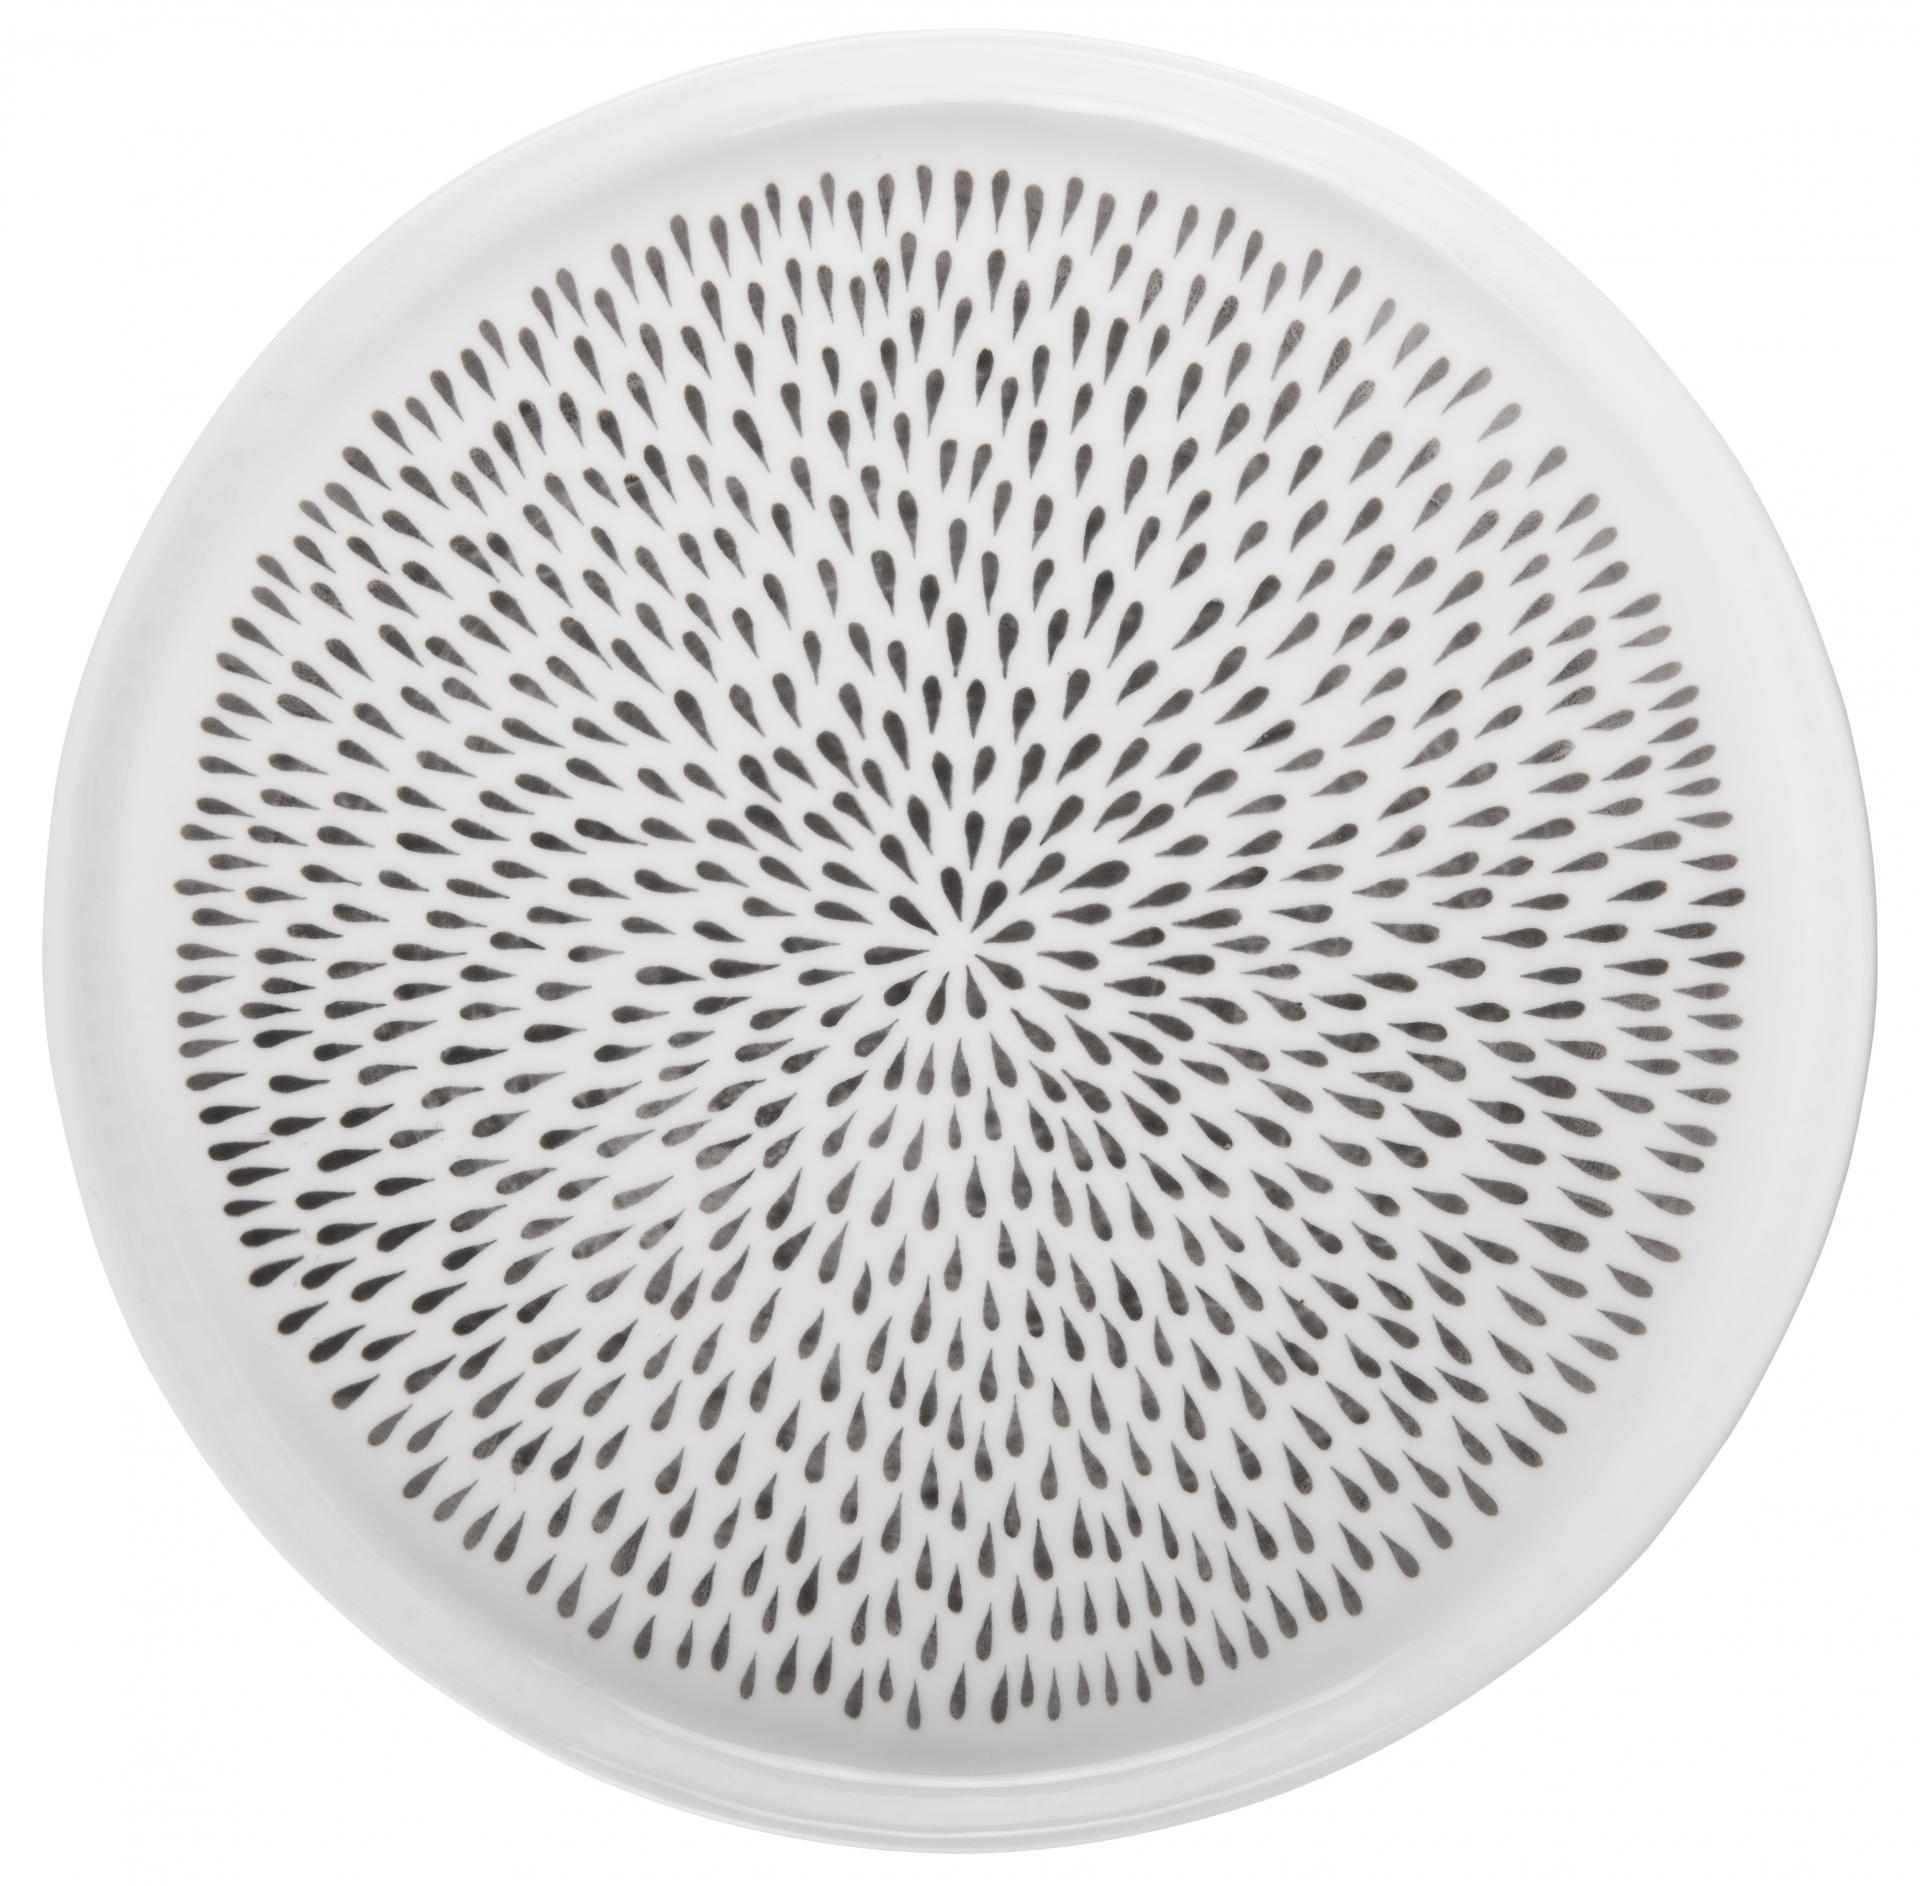 IB LAURSEN Porcelánový obědový talíř Delicate Grey, šedá barva, bílá barva, porcelán